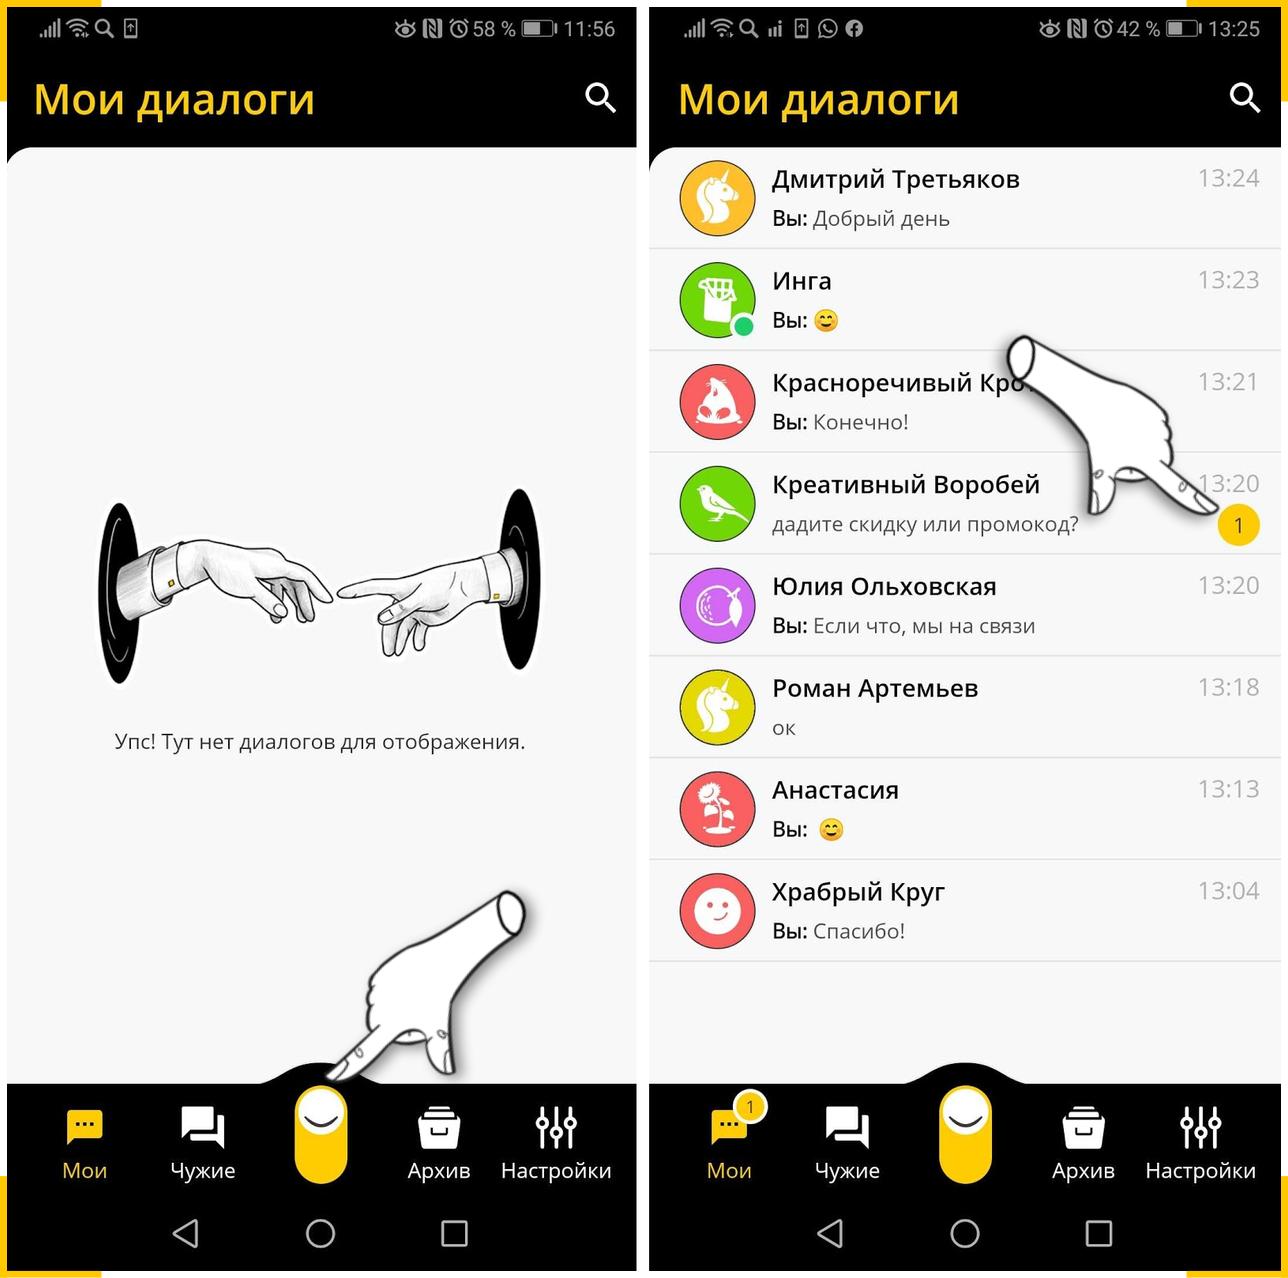 Работать с клиентами удаленно можно через чат на сайт с мобильным приложением